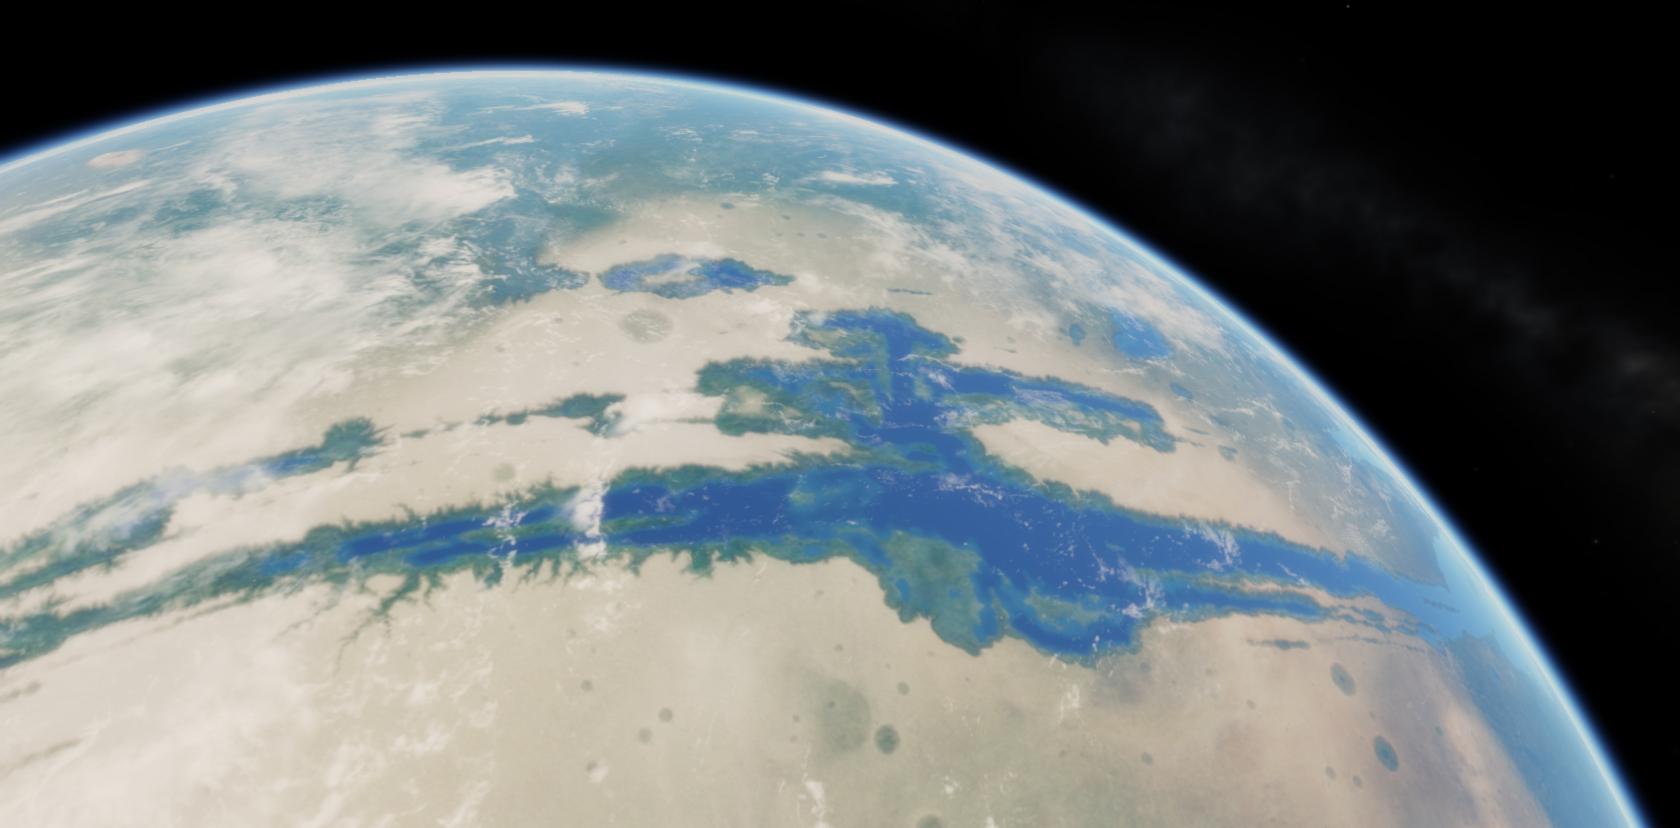 Как выглядел Марс 4 миллиарда лет назад